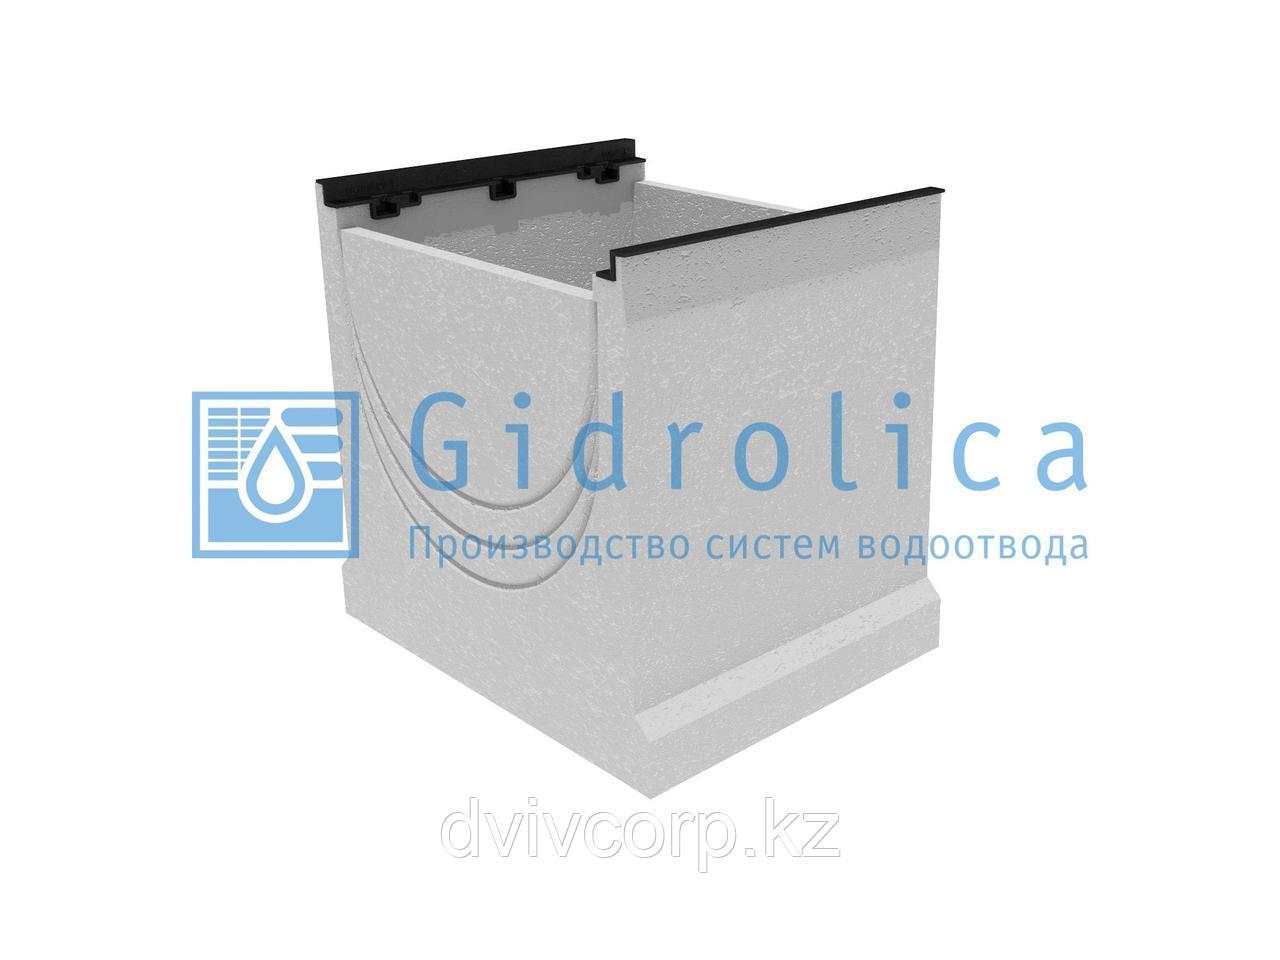 Пескоулавливающий колодец бетонный  (СО-500мм), верхняя часть, с чугунной насадкой ПКП 50.64(50).60-BGZ-S